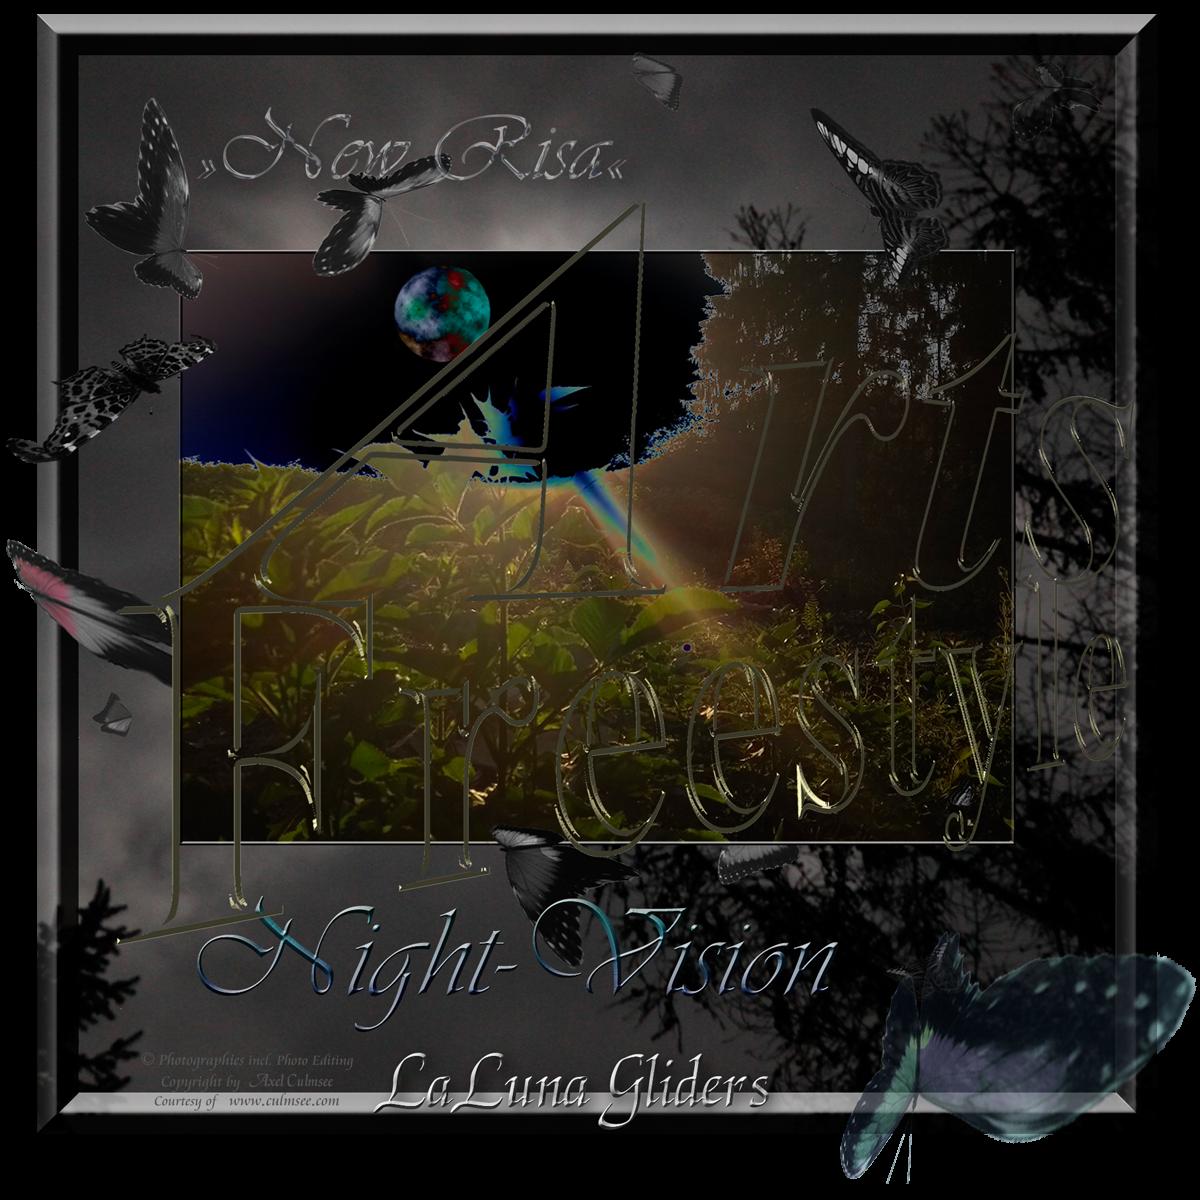 ArtsFreestyle Night-Vision LaLuna gliders New Risa